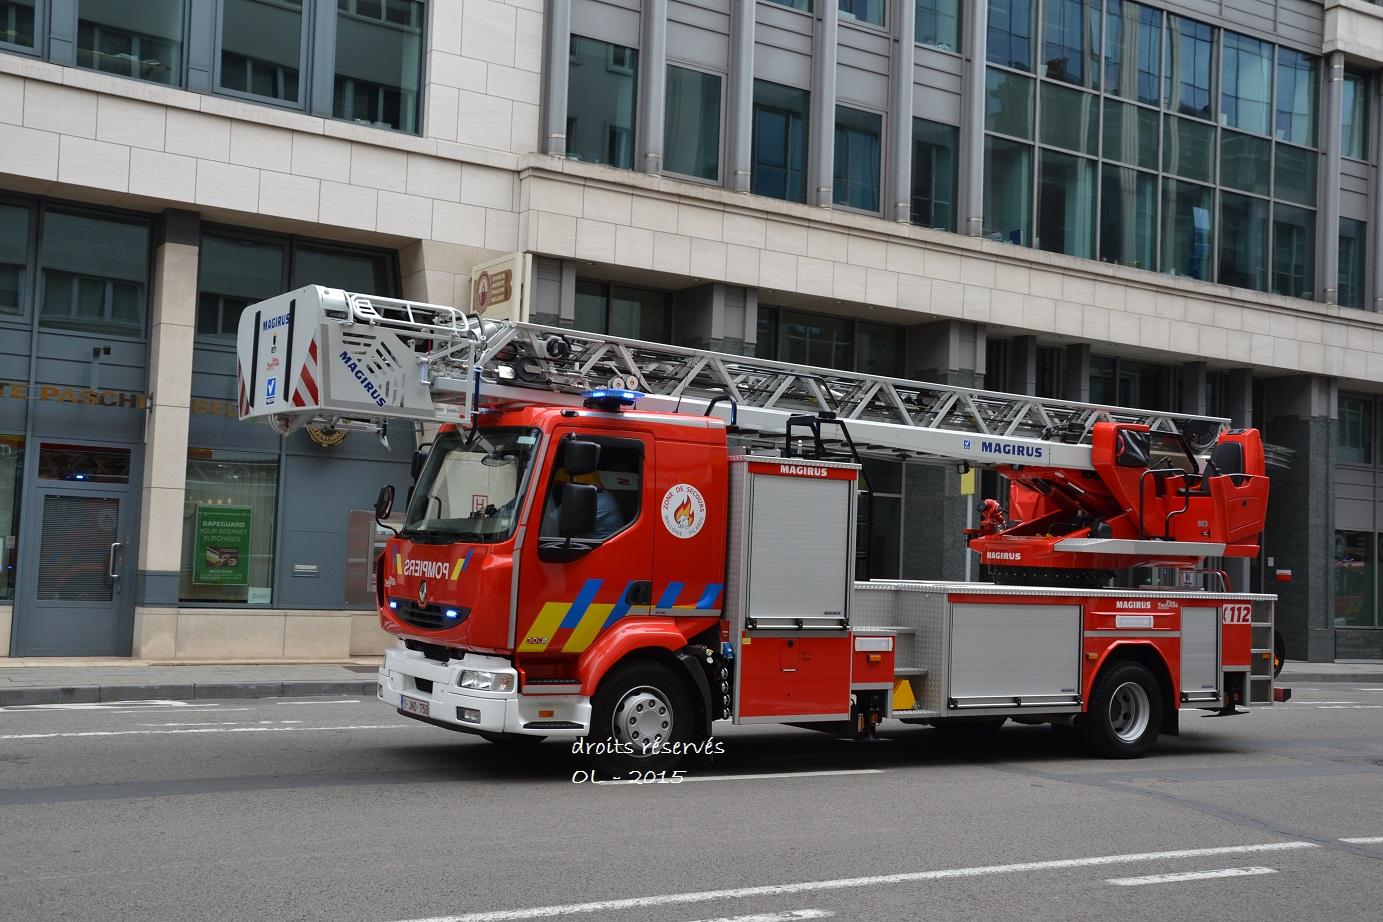 V hicules de pompiers du monde entier page 275 auto titre for Garage mercedes mouscron